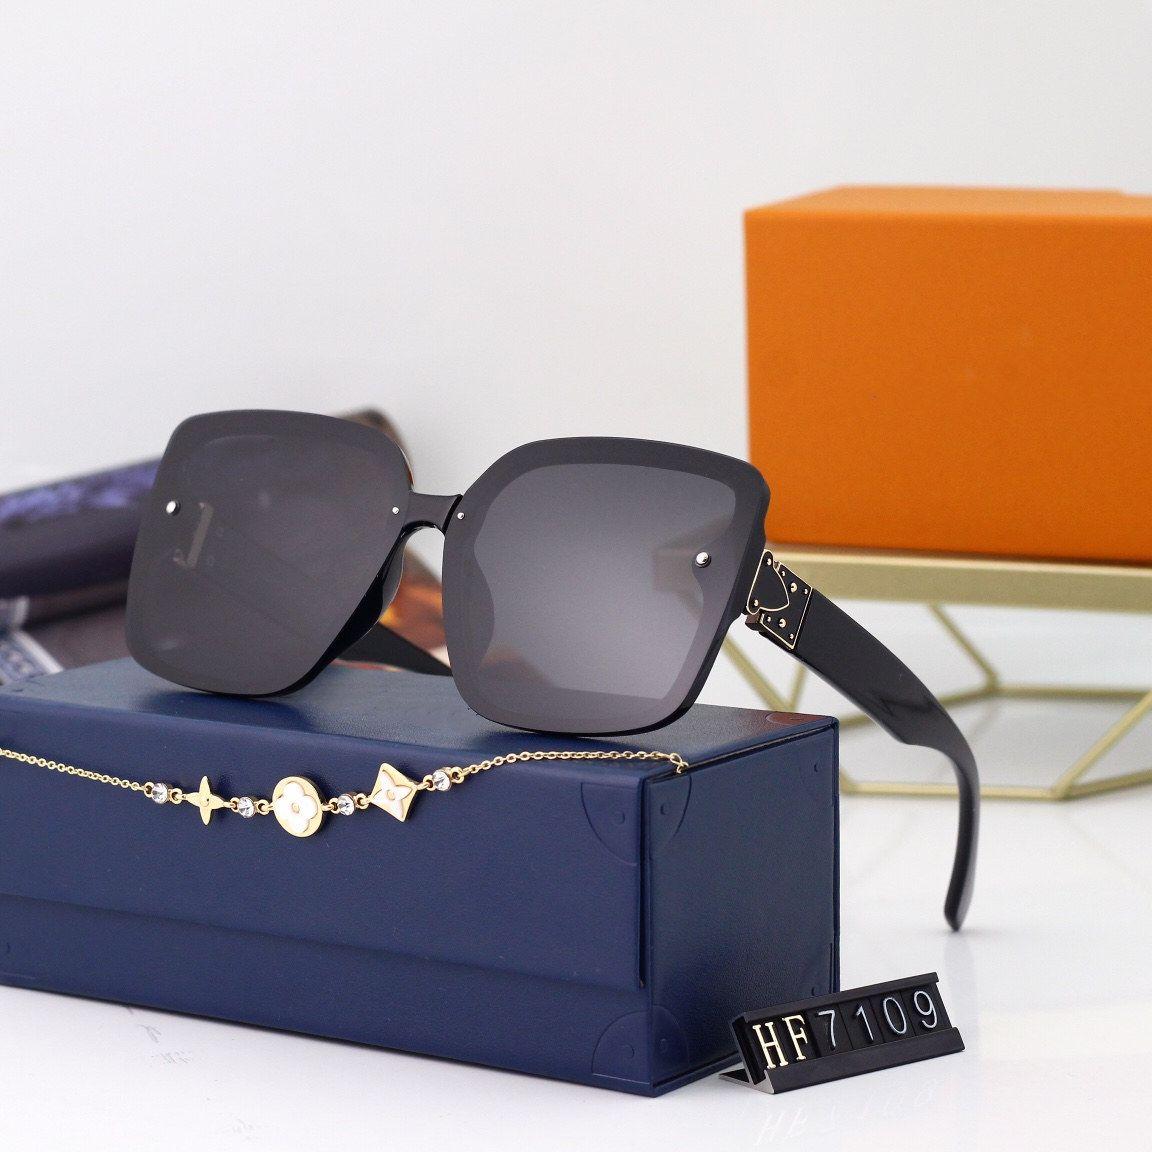 Luxo 7109 Designer Óculos de Sol Unisex para Homens Mulheres Envoltório De Moda Estilo De Verão Quadro de Top Qualidade Proteção UV Lens vêm com caso